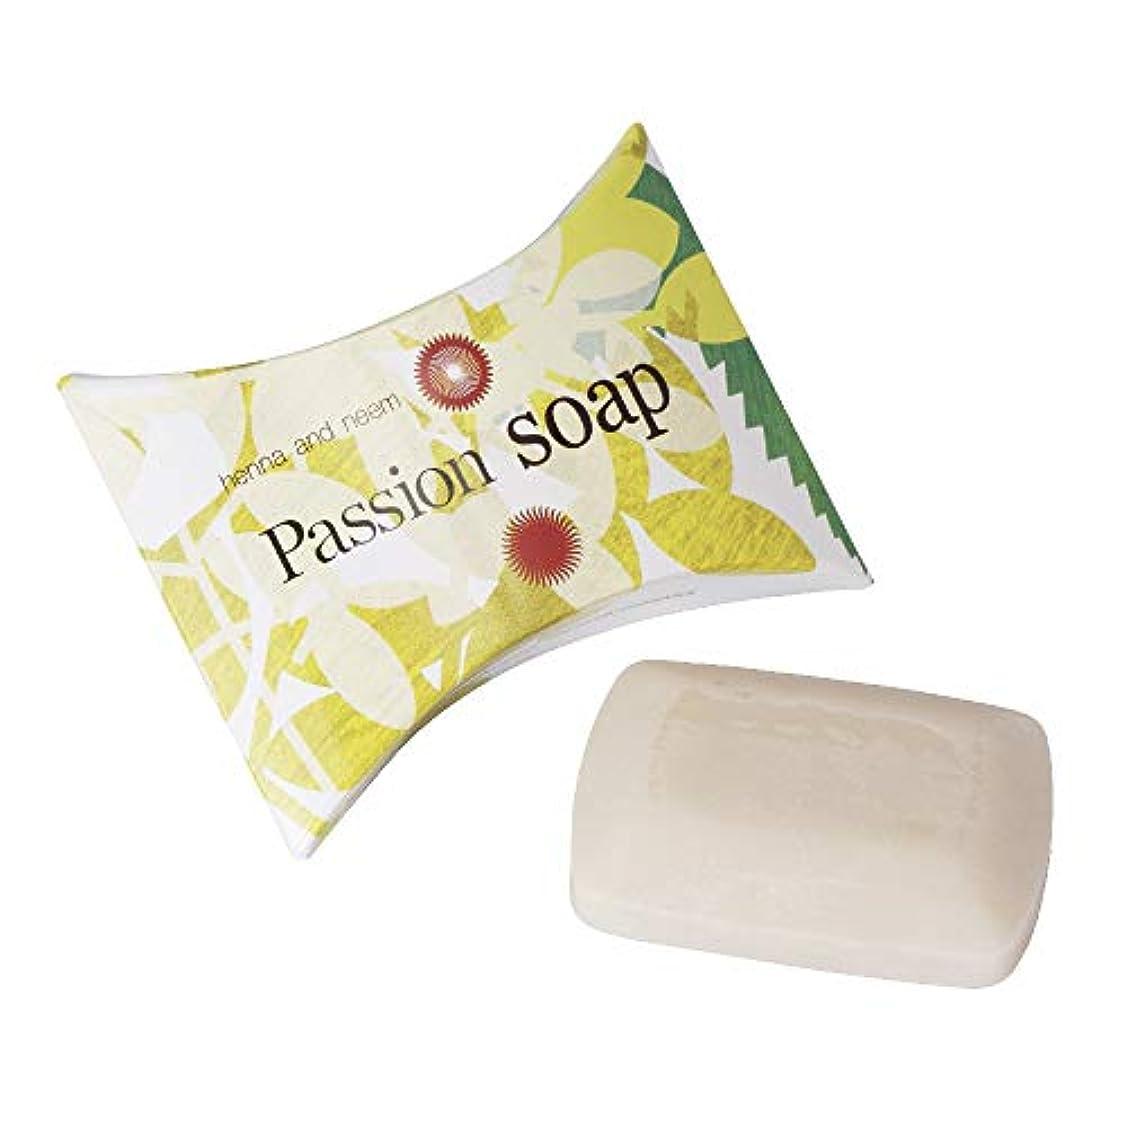 ペレット攻撃的屋内でヘナソープ PASSION SOAP 天然サポニンで洗う優しいハーブ石鹸